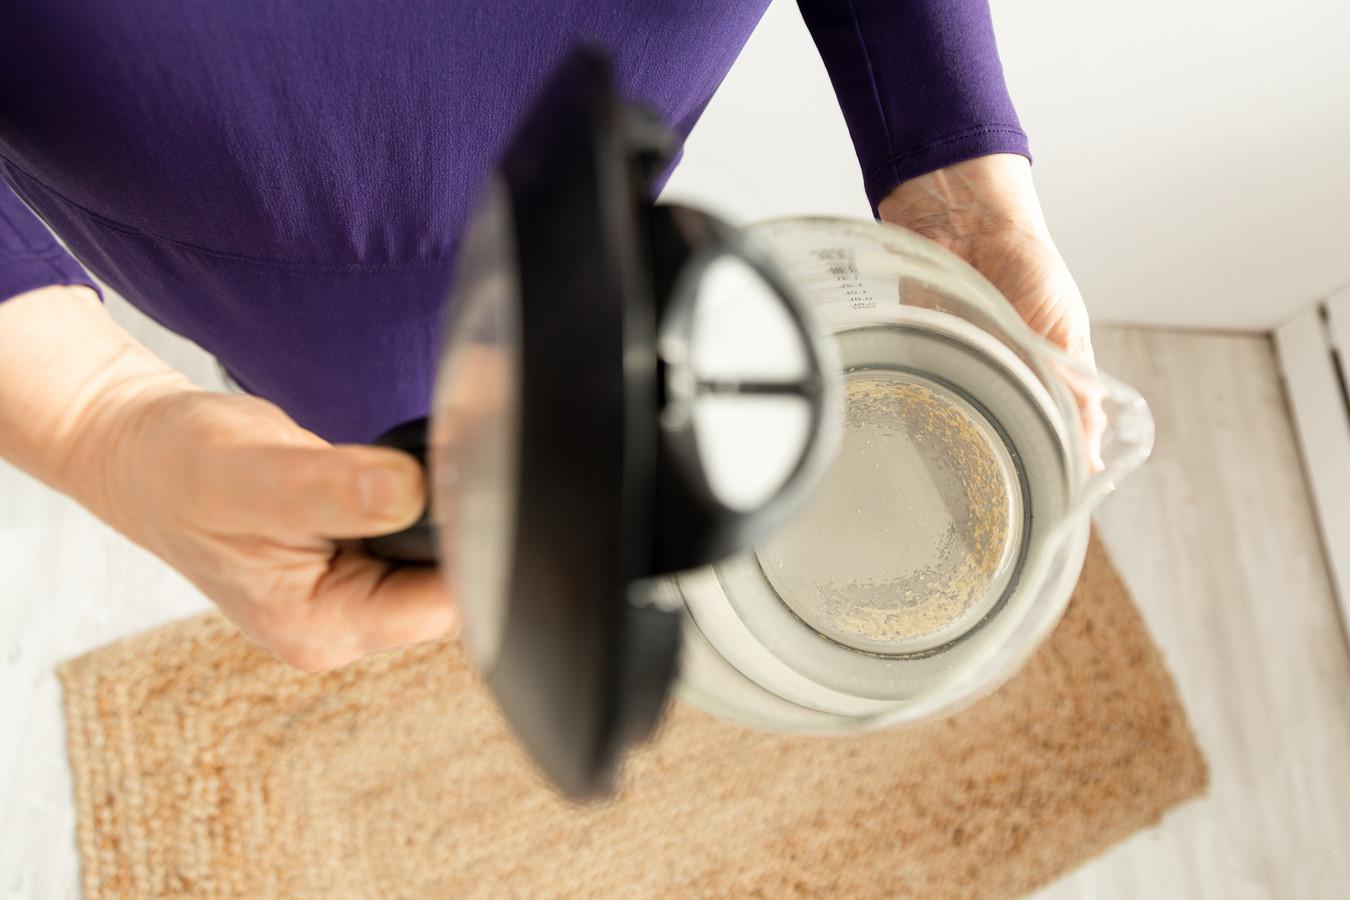 Op een warmwaterkraan of in een waterkoker kan zich wel een laagje kalk, chemisch gezien calciumcarbonaat, afzetten. Dat gebeurt op den duur bij zowel hard als minder hard water.